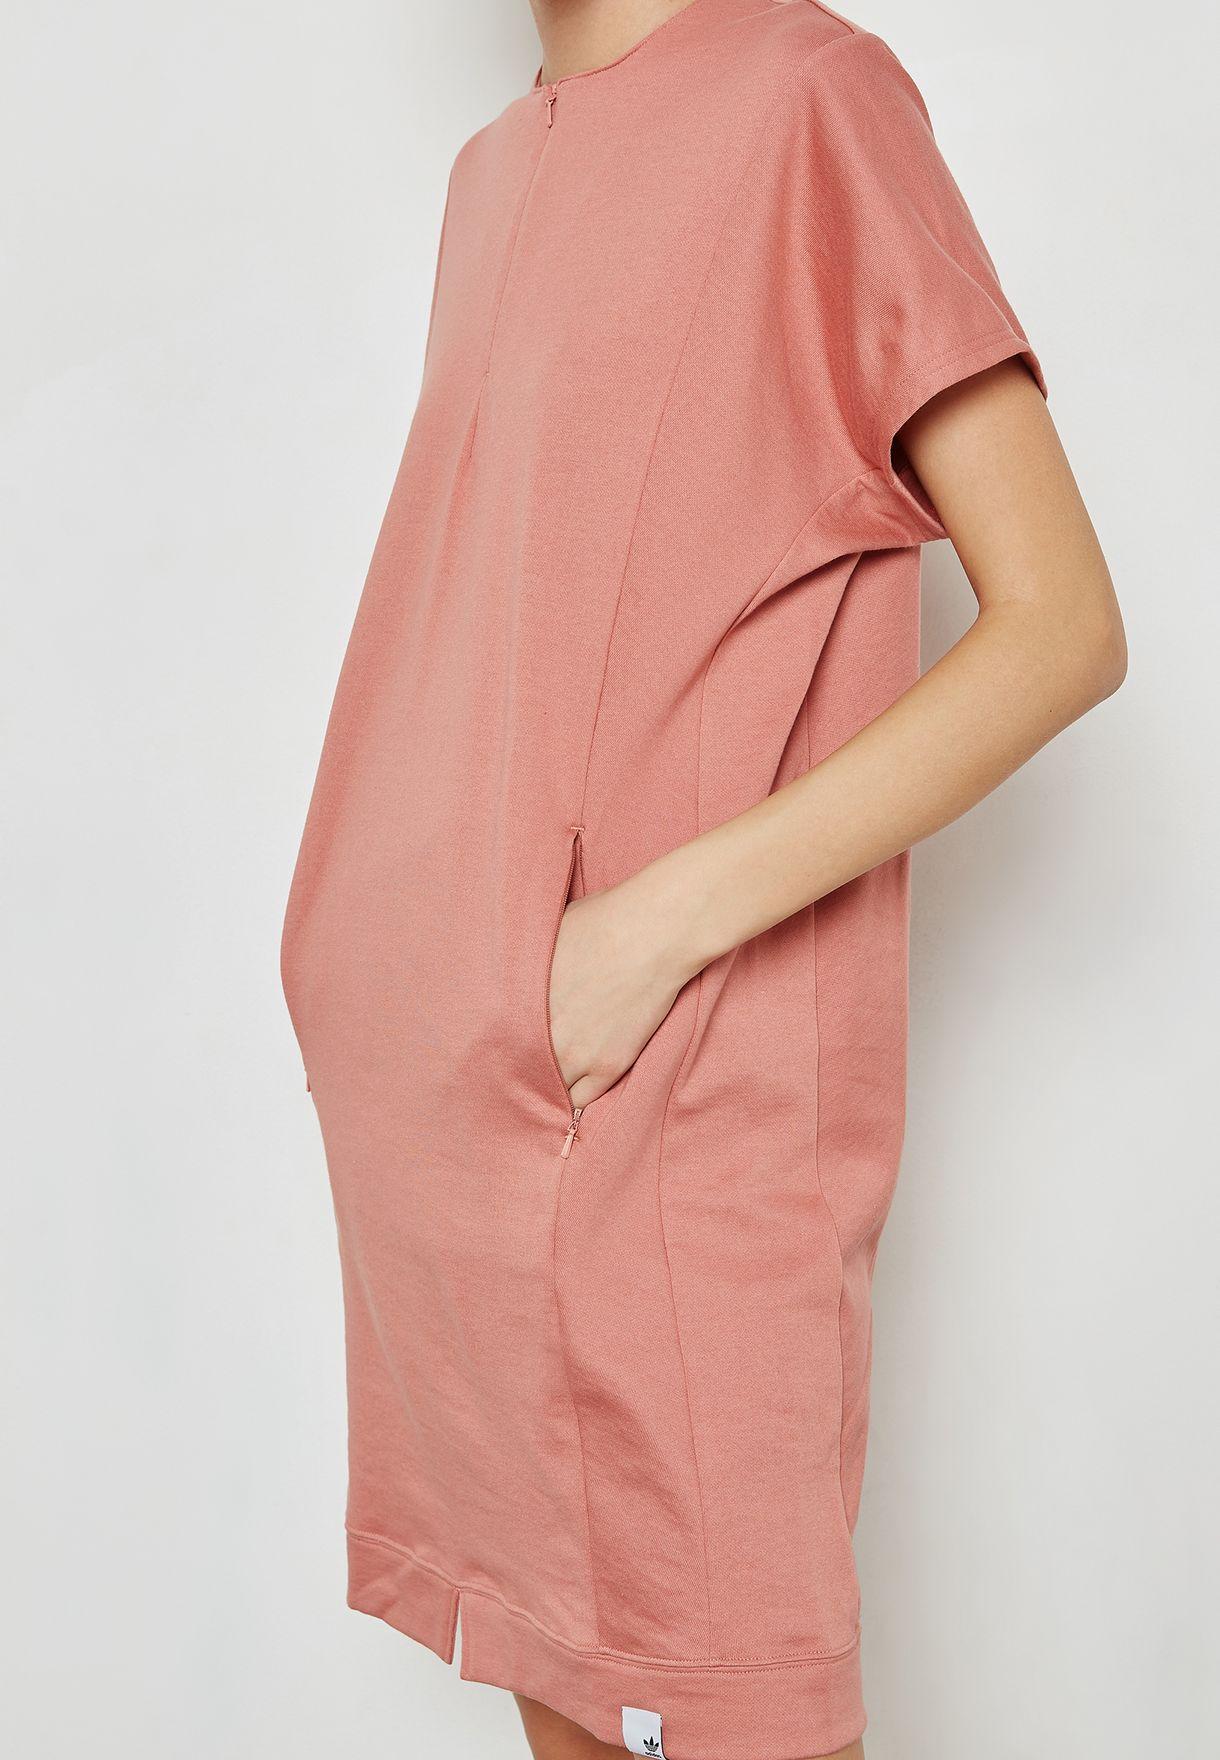 فستان من مجموعة اكس بي واي او